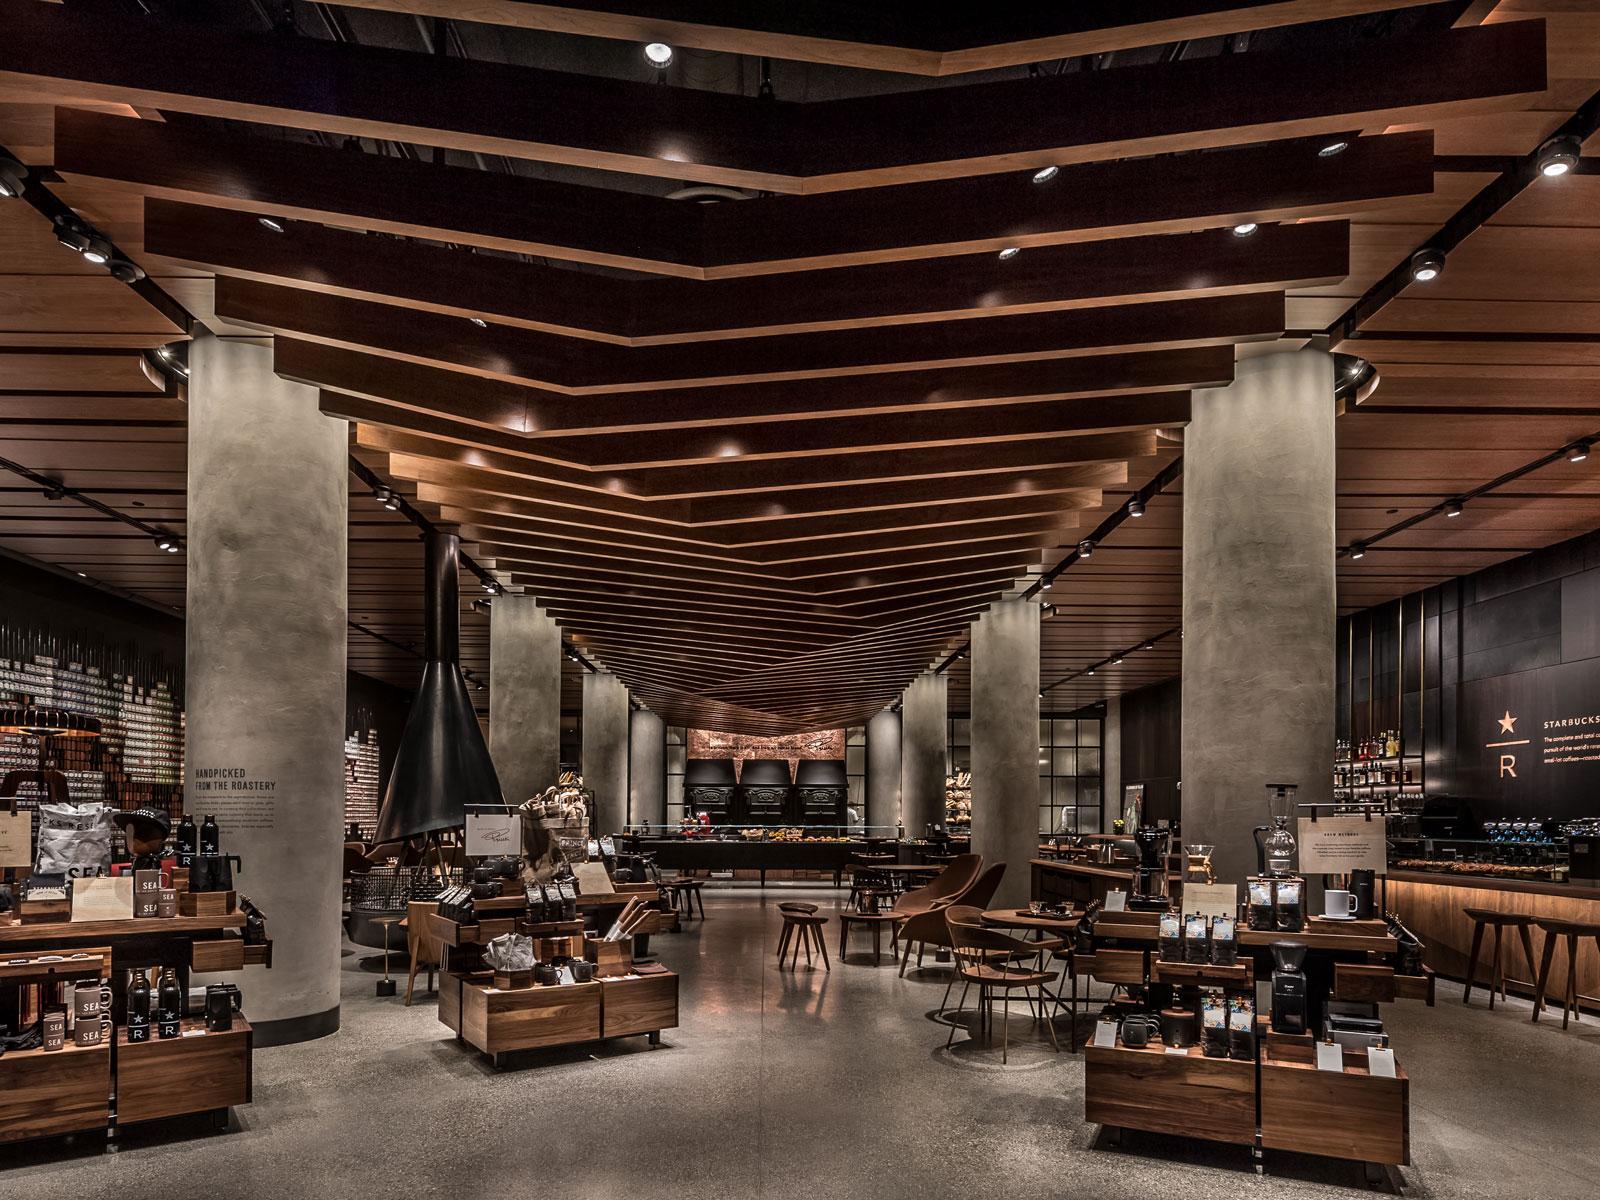 Roastery, Reserve Bar, Regular Starbucks: What's the Difference? starbucks-store-explainer-2-FT-BLOG1218